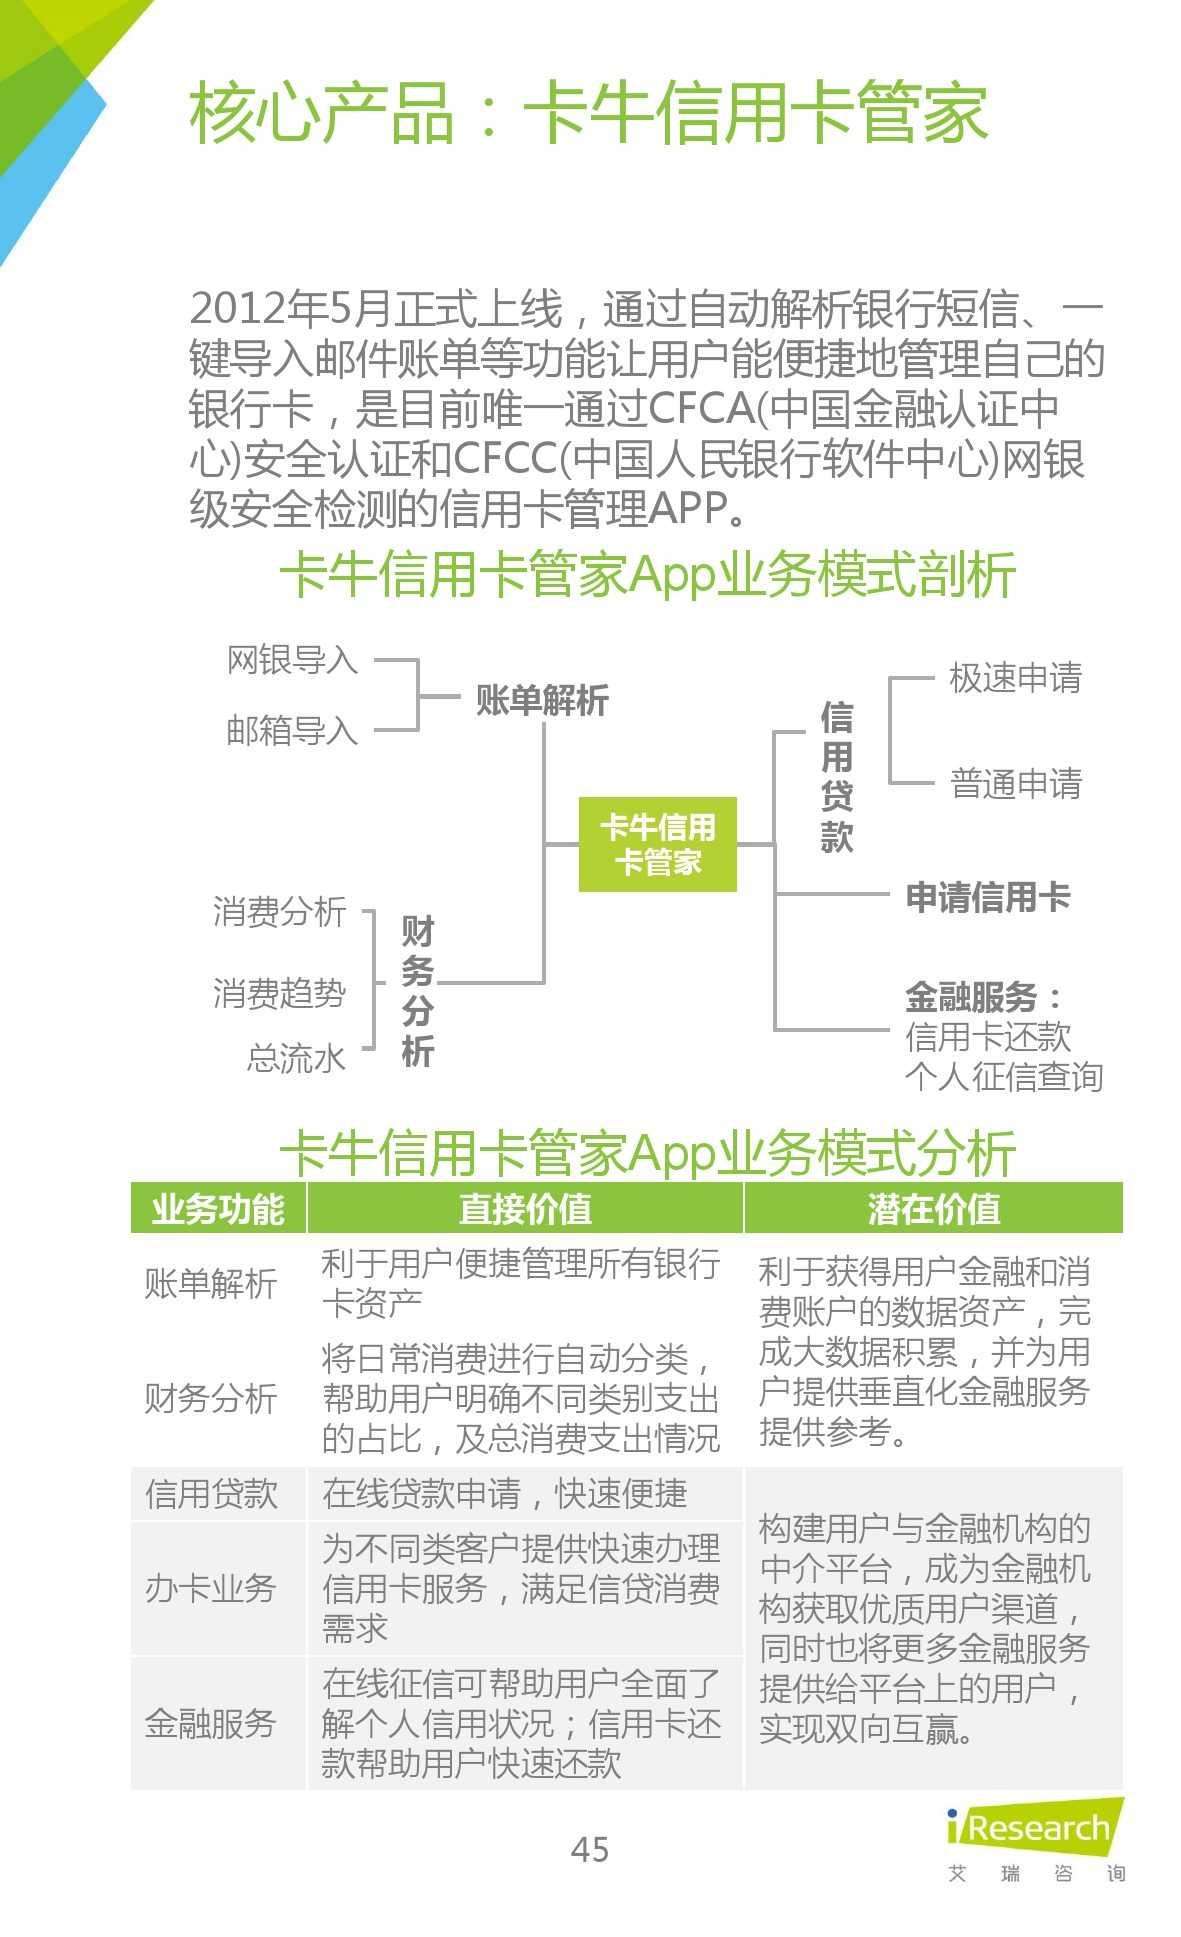 2015年中国生活理财移动App行业研究报告_000045